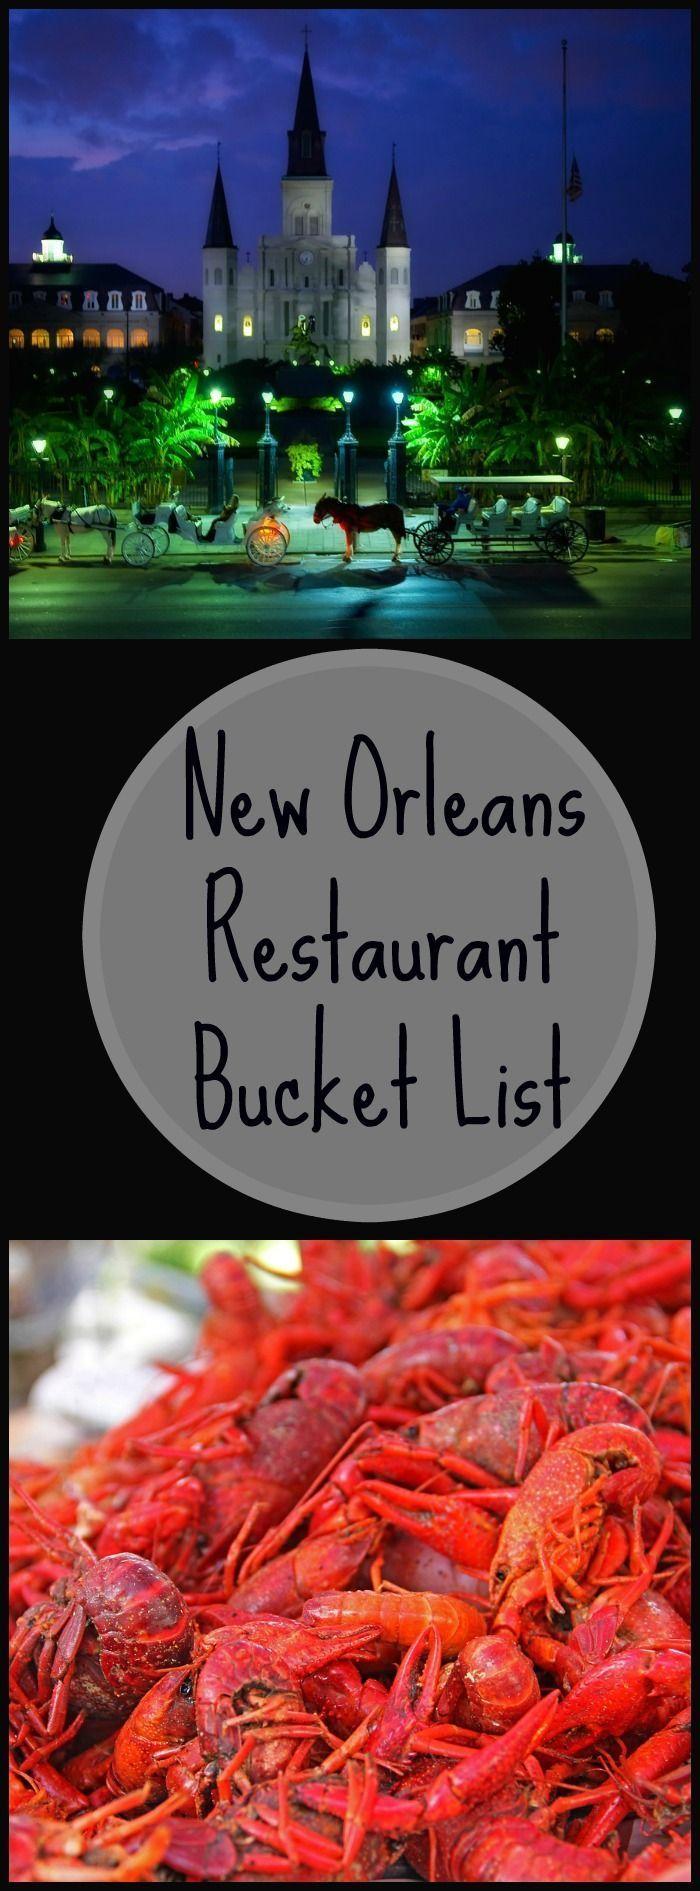 New Orleans Restaurant Bucket List